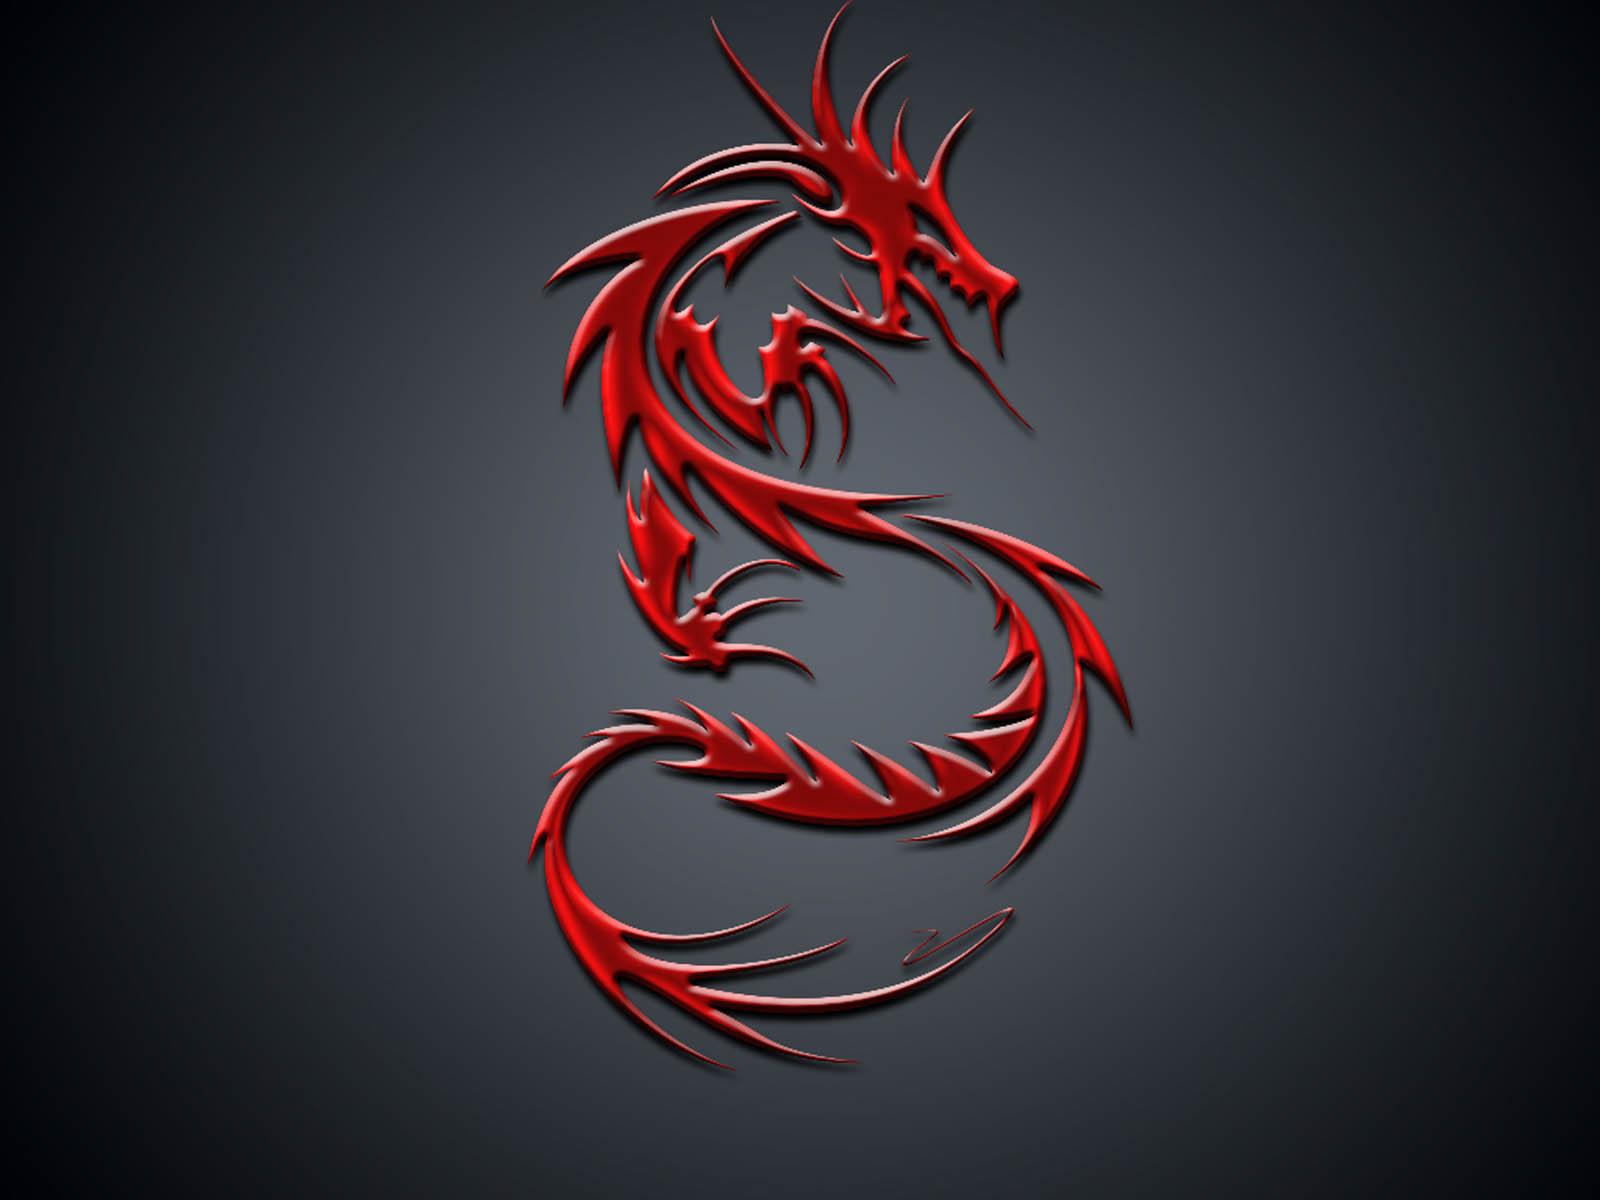 the Dragon Wallpapers Dragon Desktop Wallpapers Dragon Desktop 1600x1200